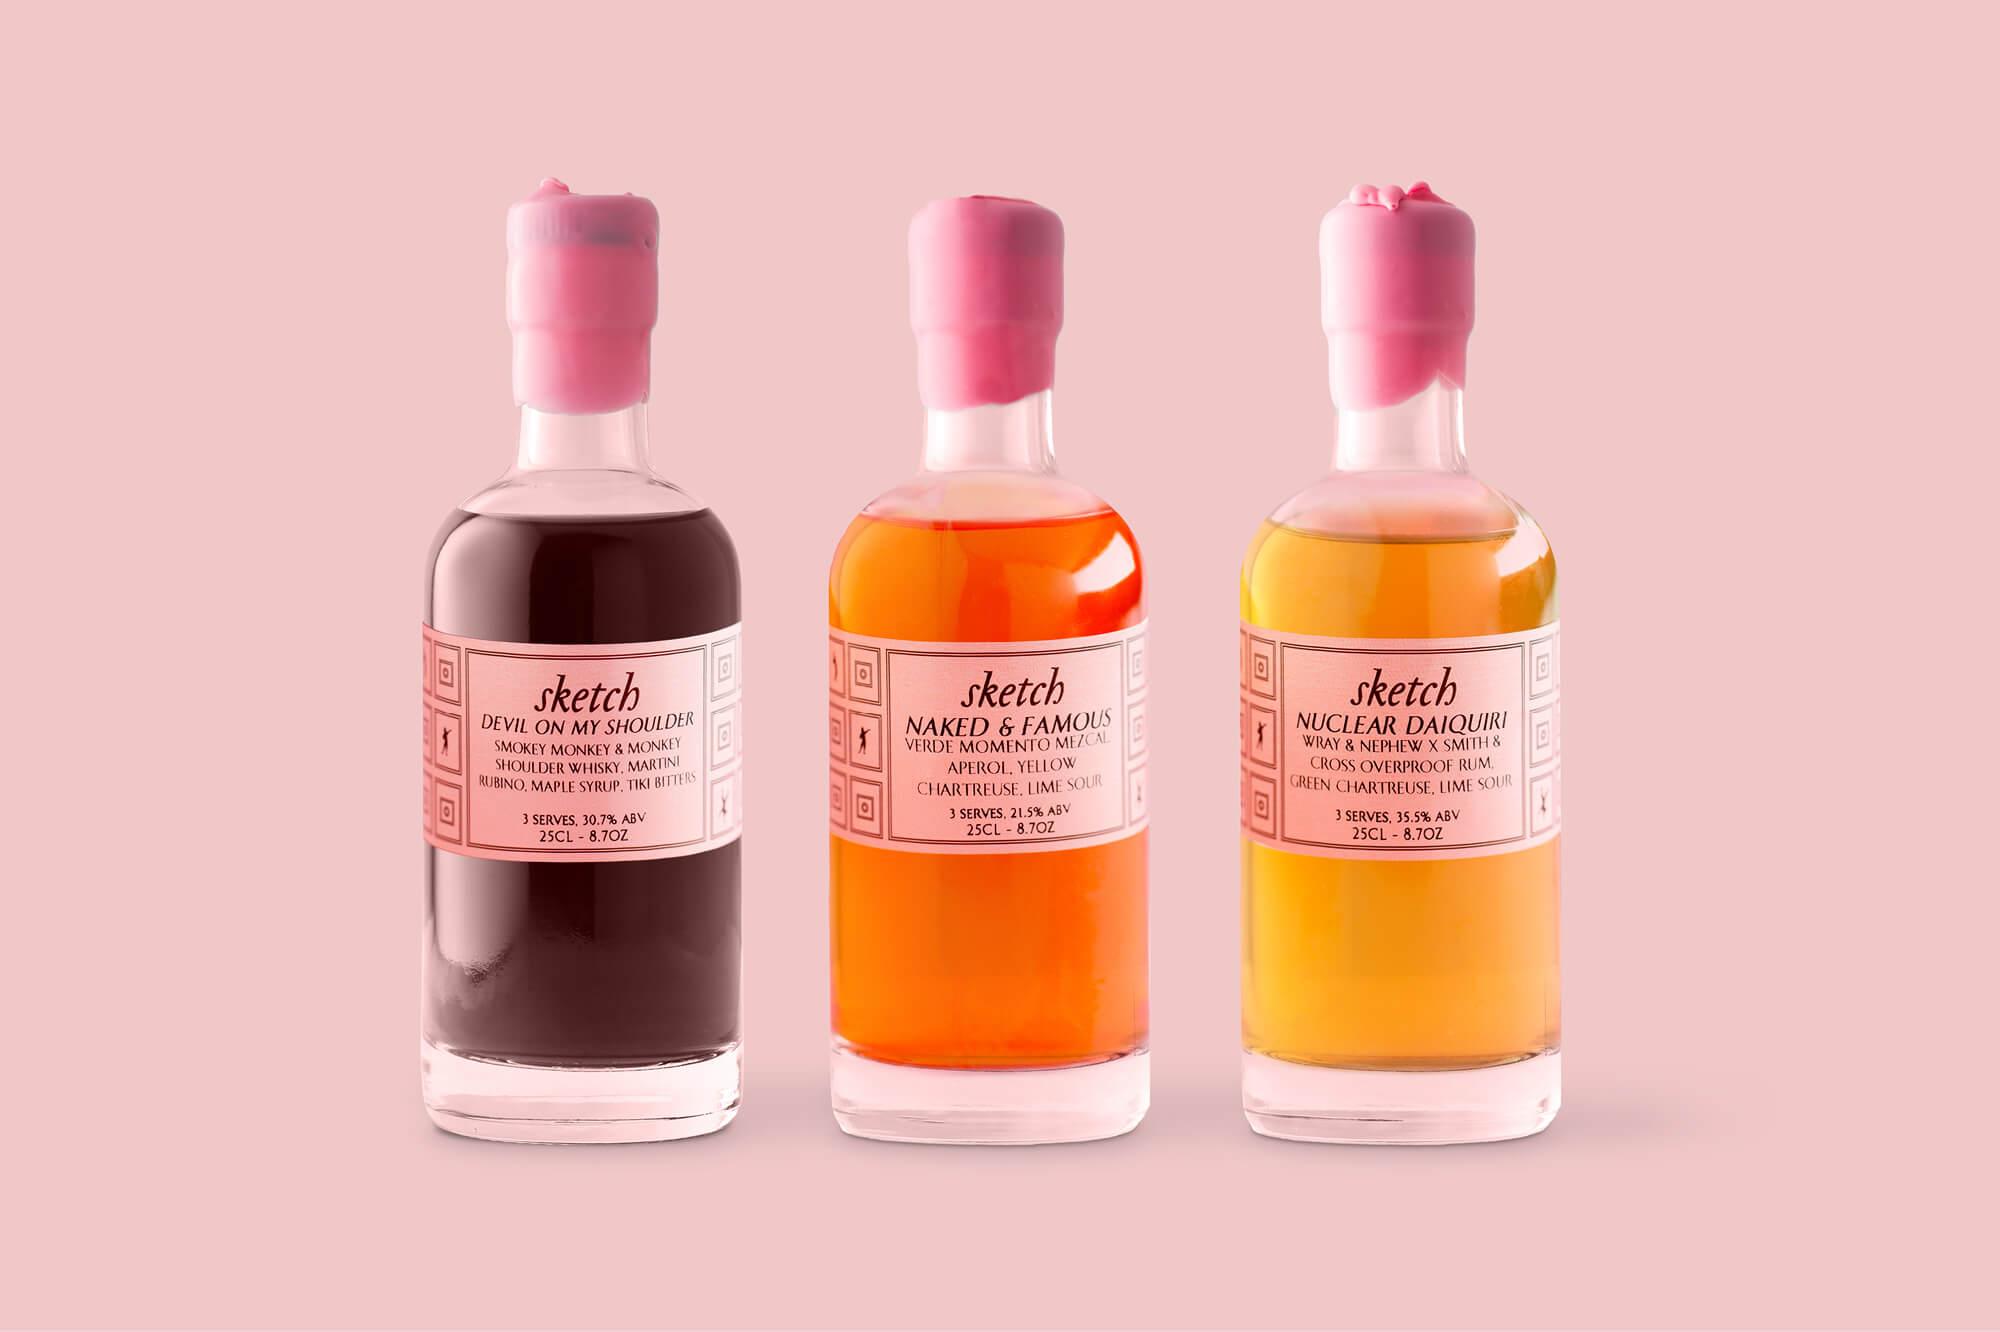 Sketch cocktail at home, toute la saveurs de la mixologie chez vous, design et branding IchetKar